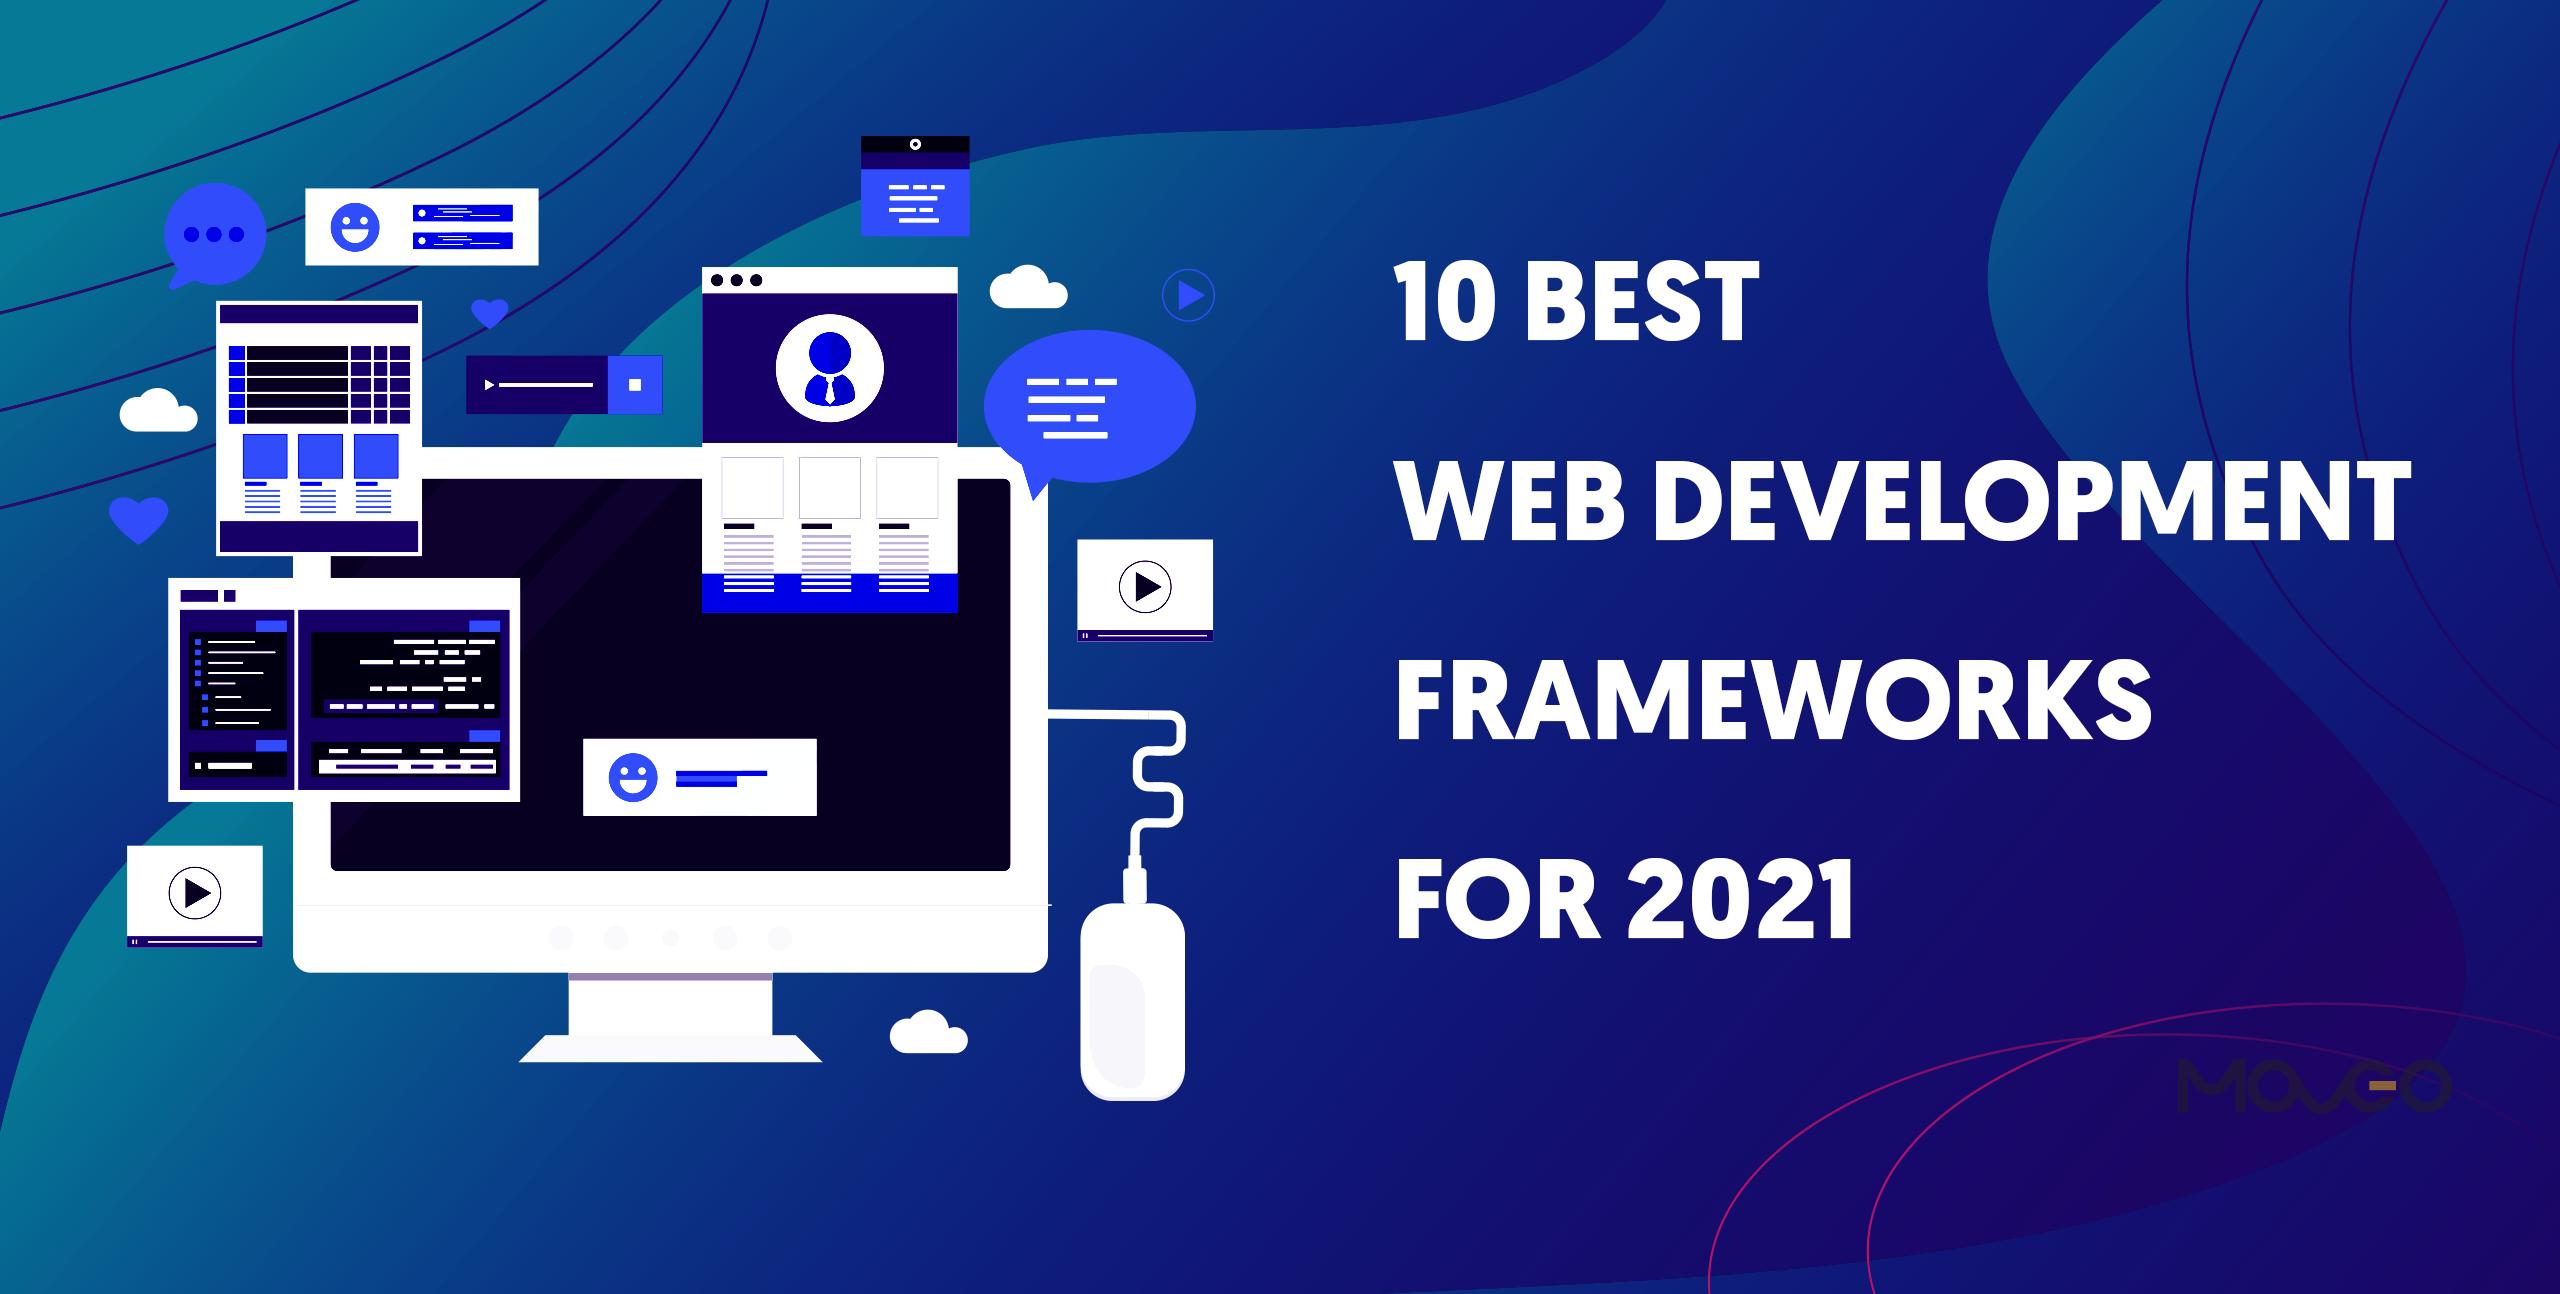 10 best web development frameworks for 2021